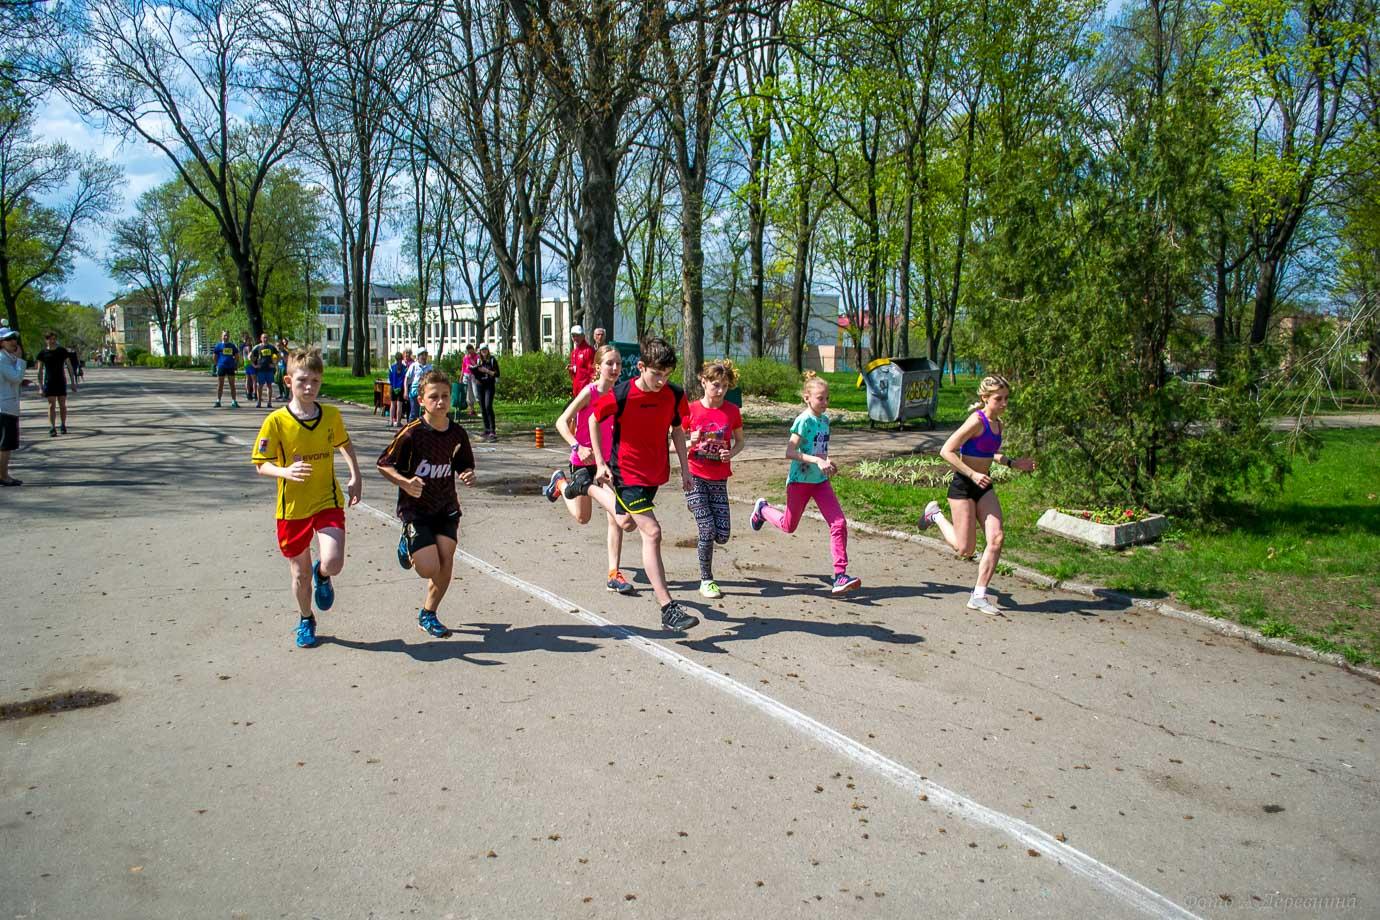 Фотографии. Легкоатлетичний пробіг «Чорнобильський набат», присвячений жертвам Чорнобиля